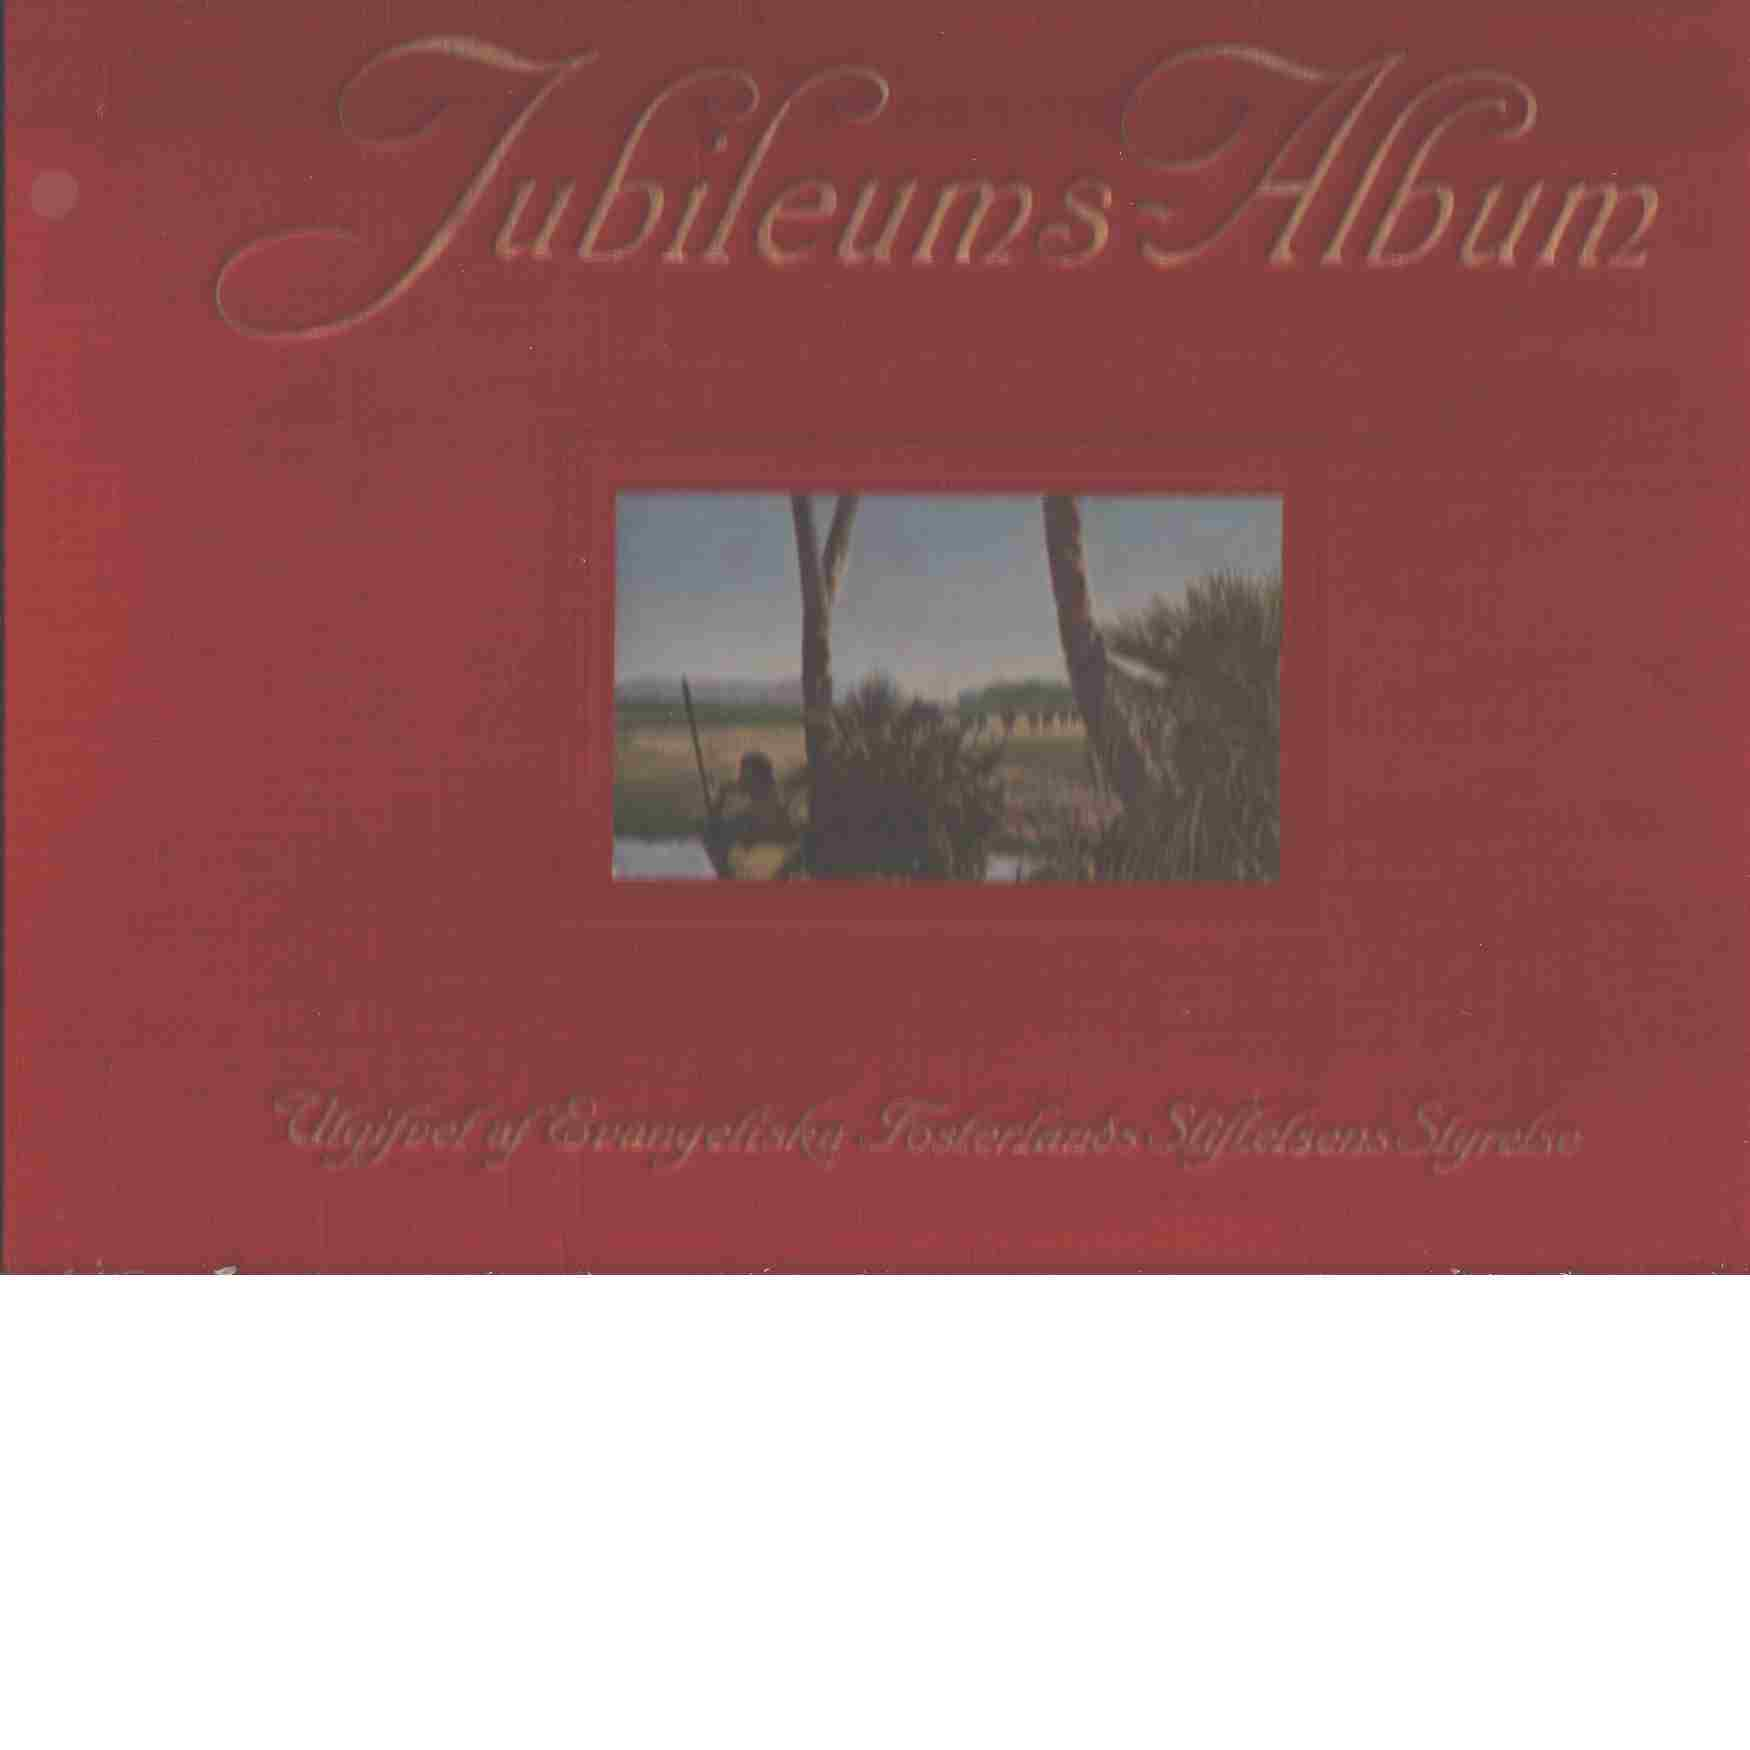 Jubileumsalbum - Red. Nils Hylander.